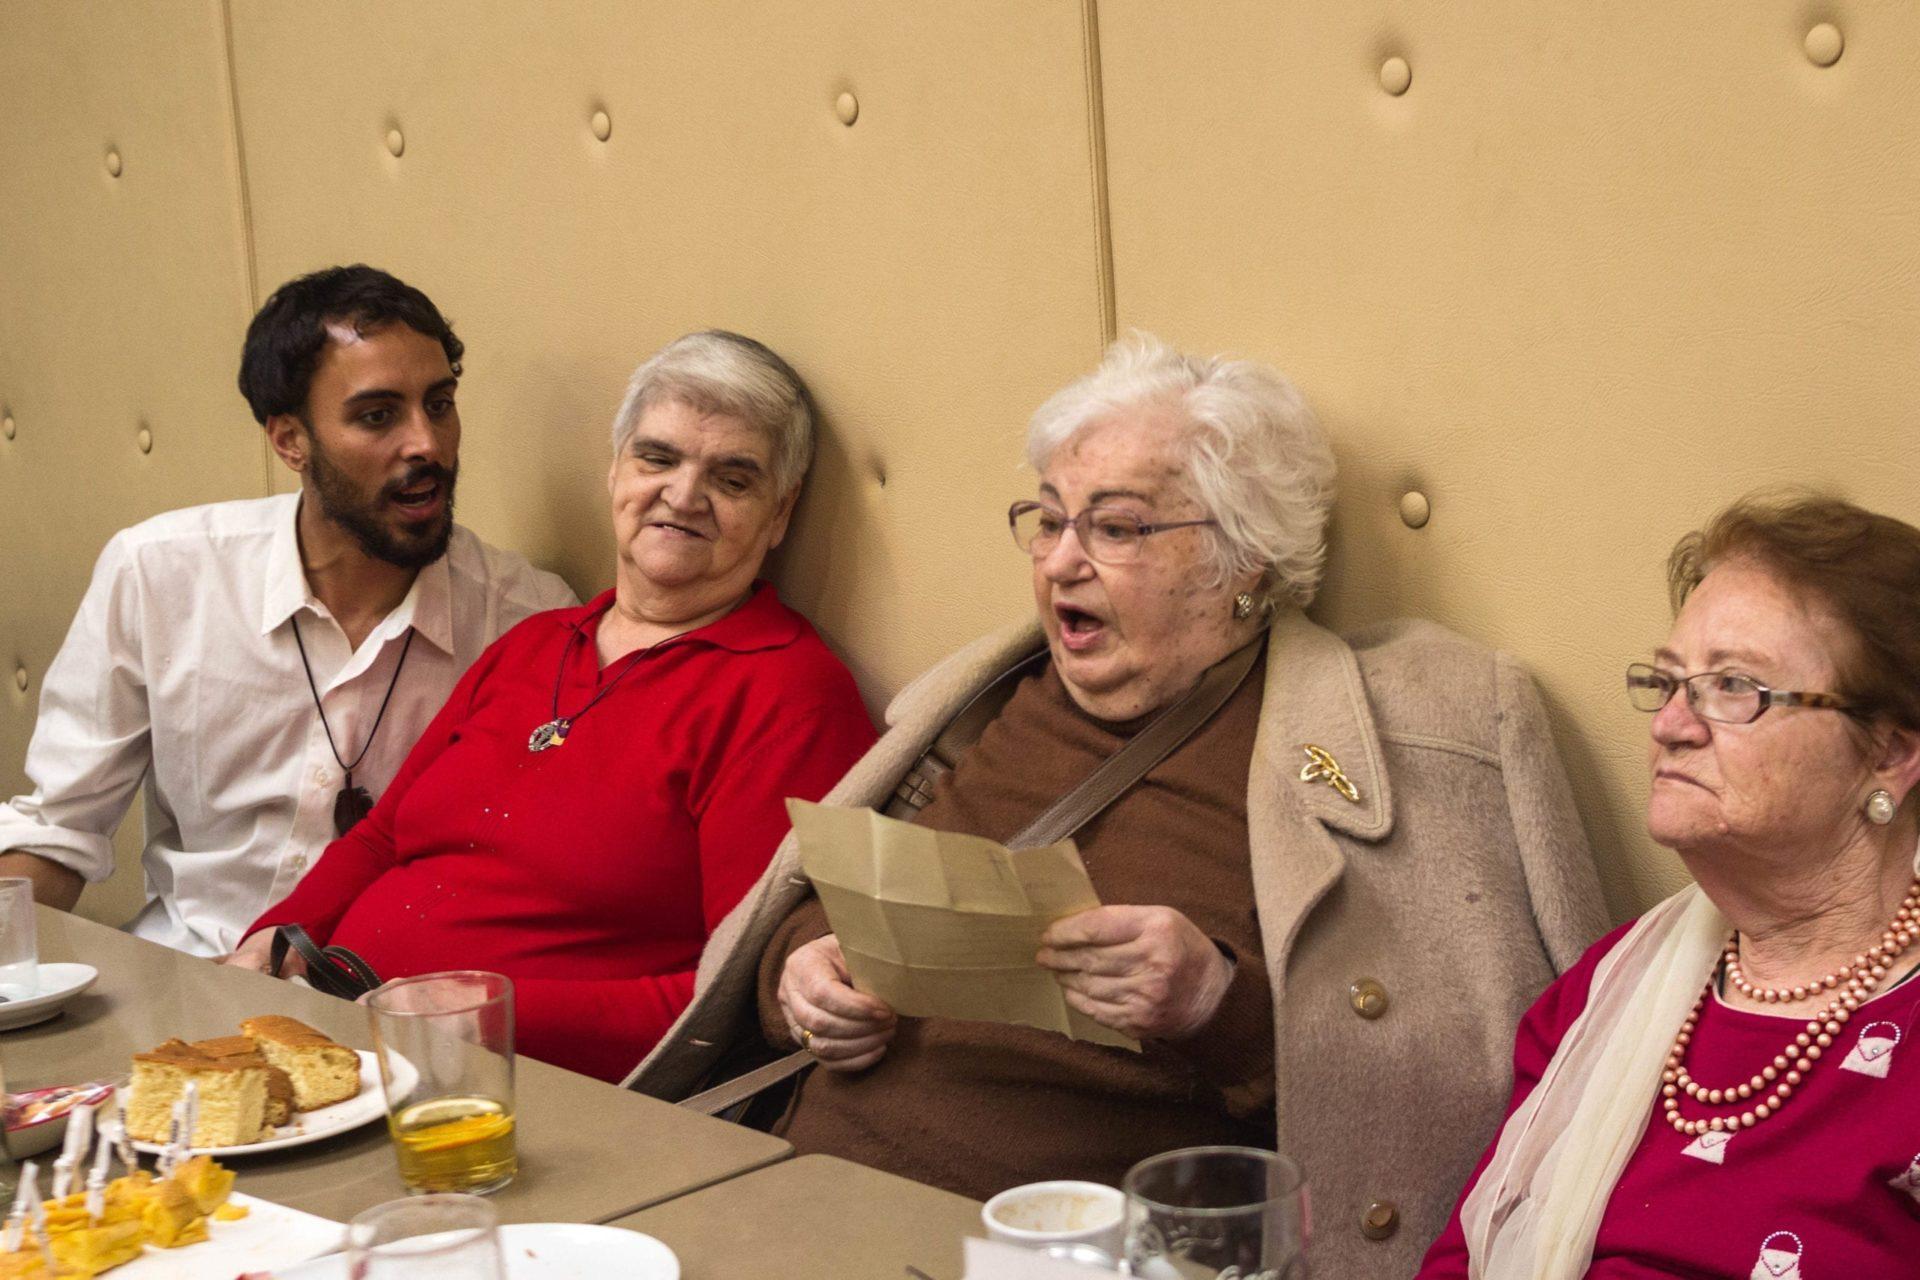 Merienda de voluntarios/as y personas mayores en Vigo.